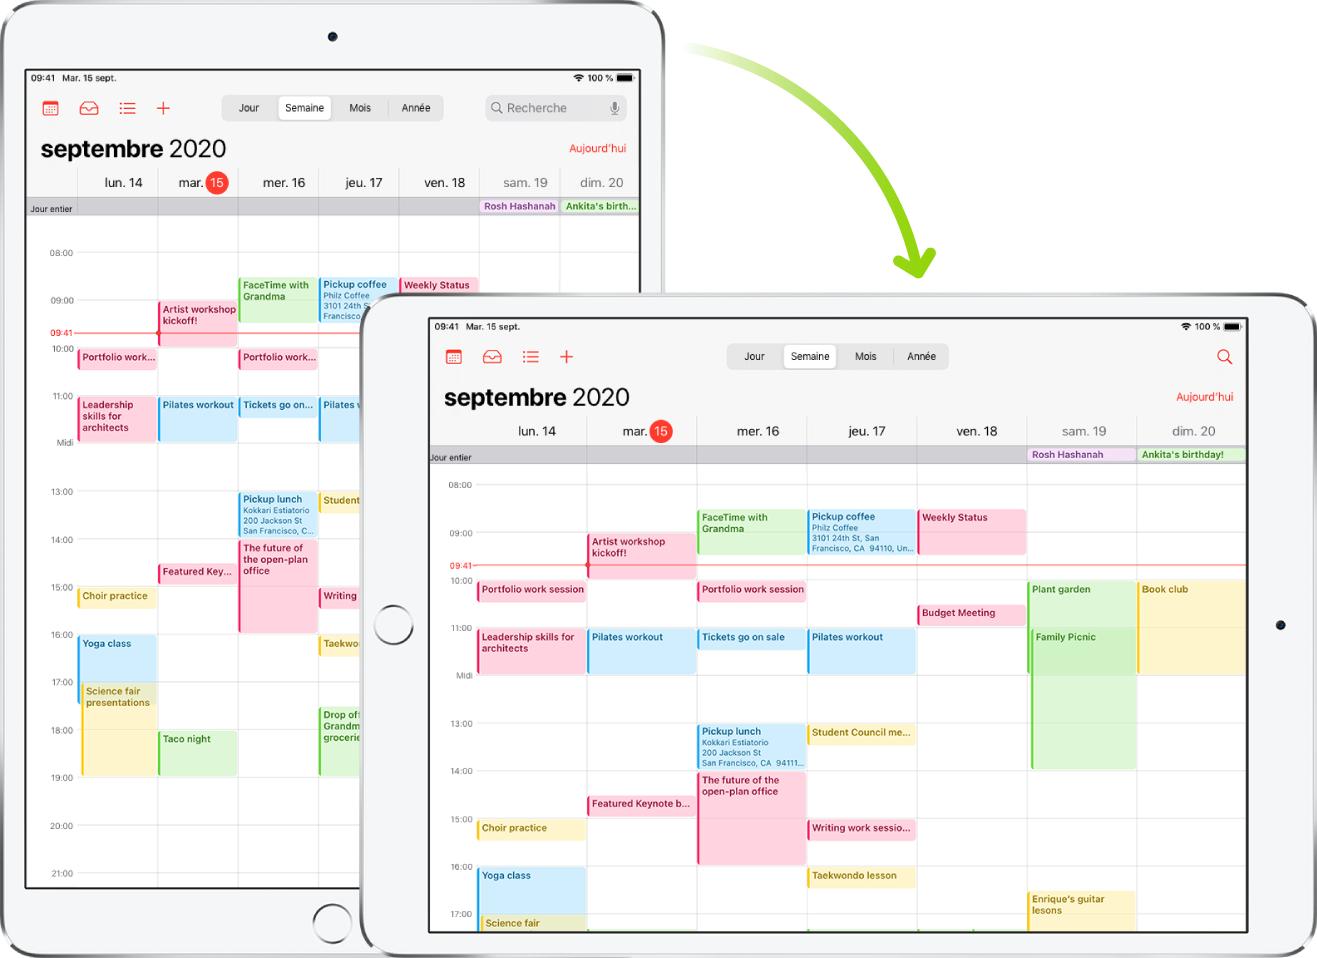 En arrière-plan, l'iPad présente un écran Calendrier en mode portrait; au premier plan, l'iPad est tourné et affiche l'écran Calendrier en mode paysage.